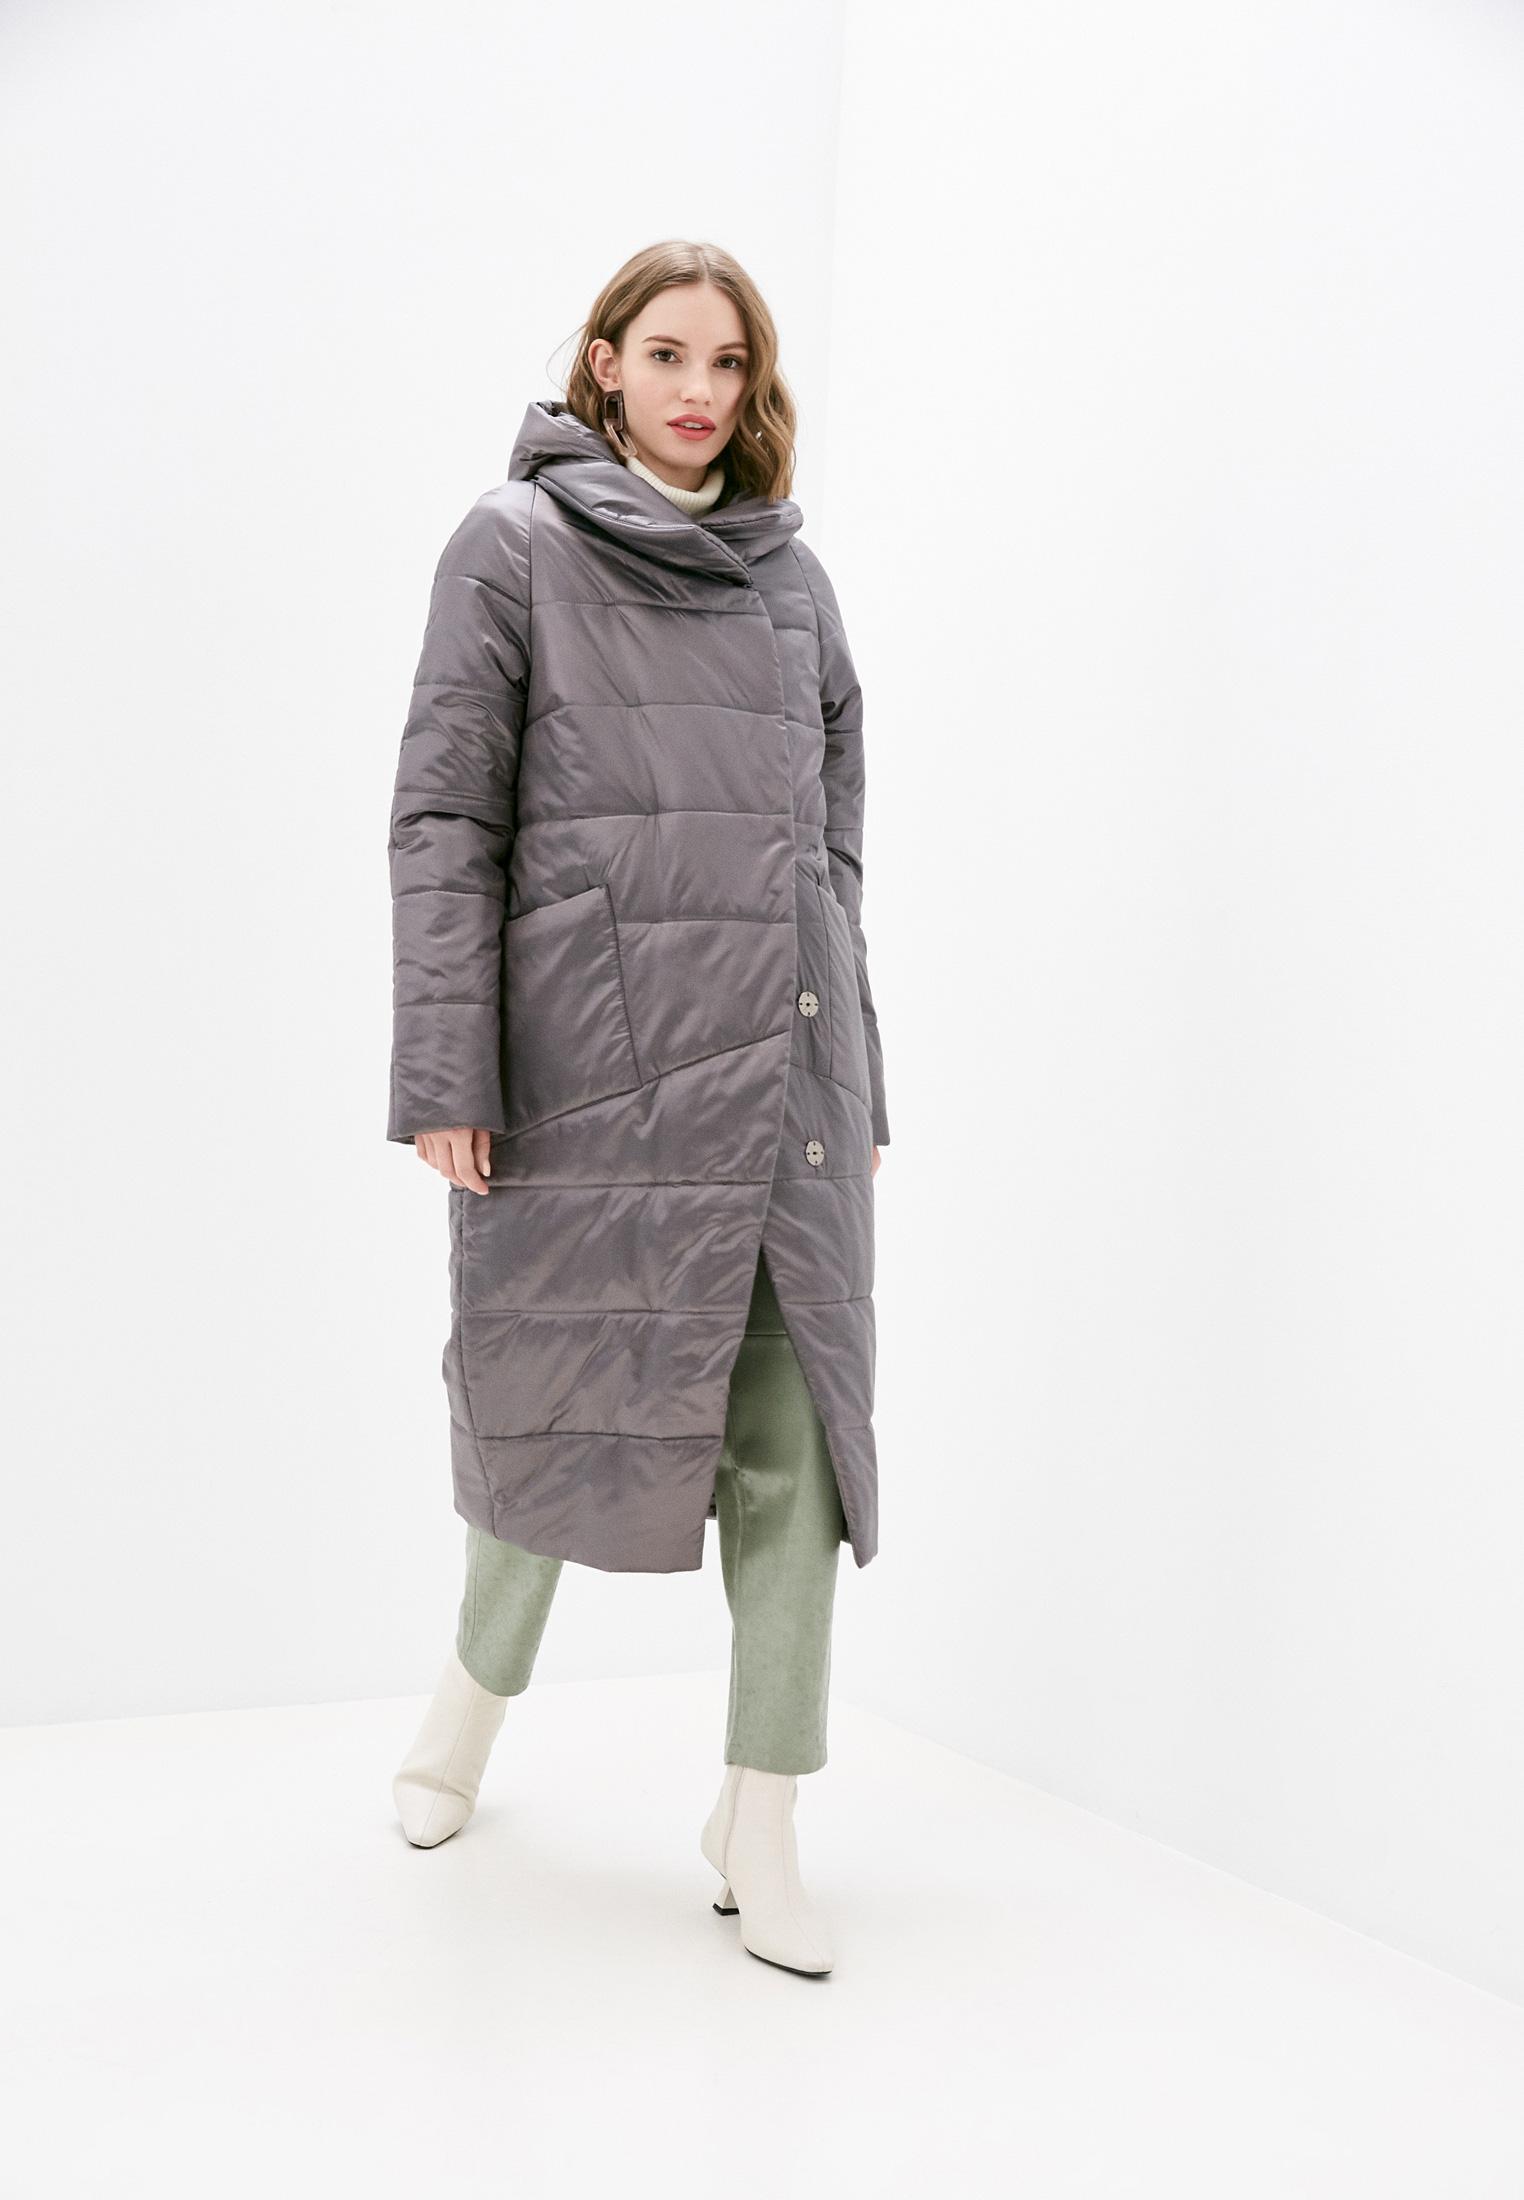 Утепленная куртка Nataliy Beate Пальто мод 111